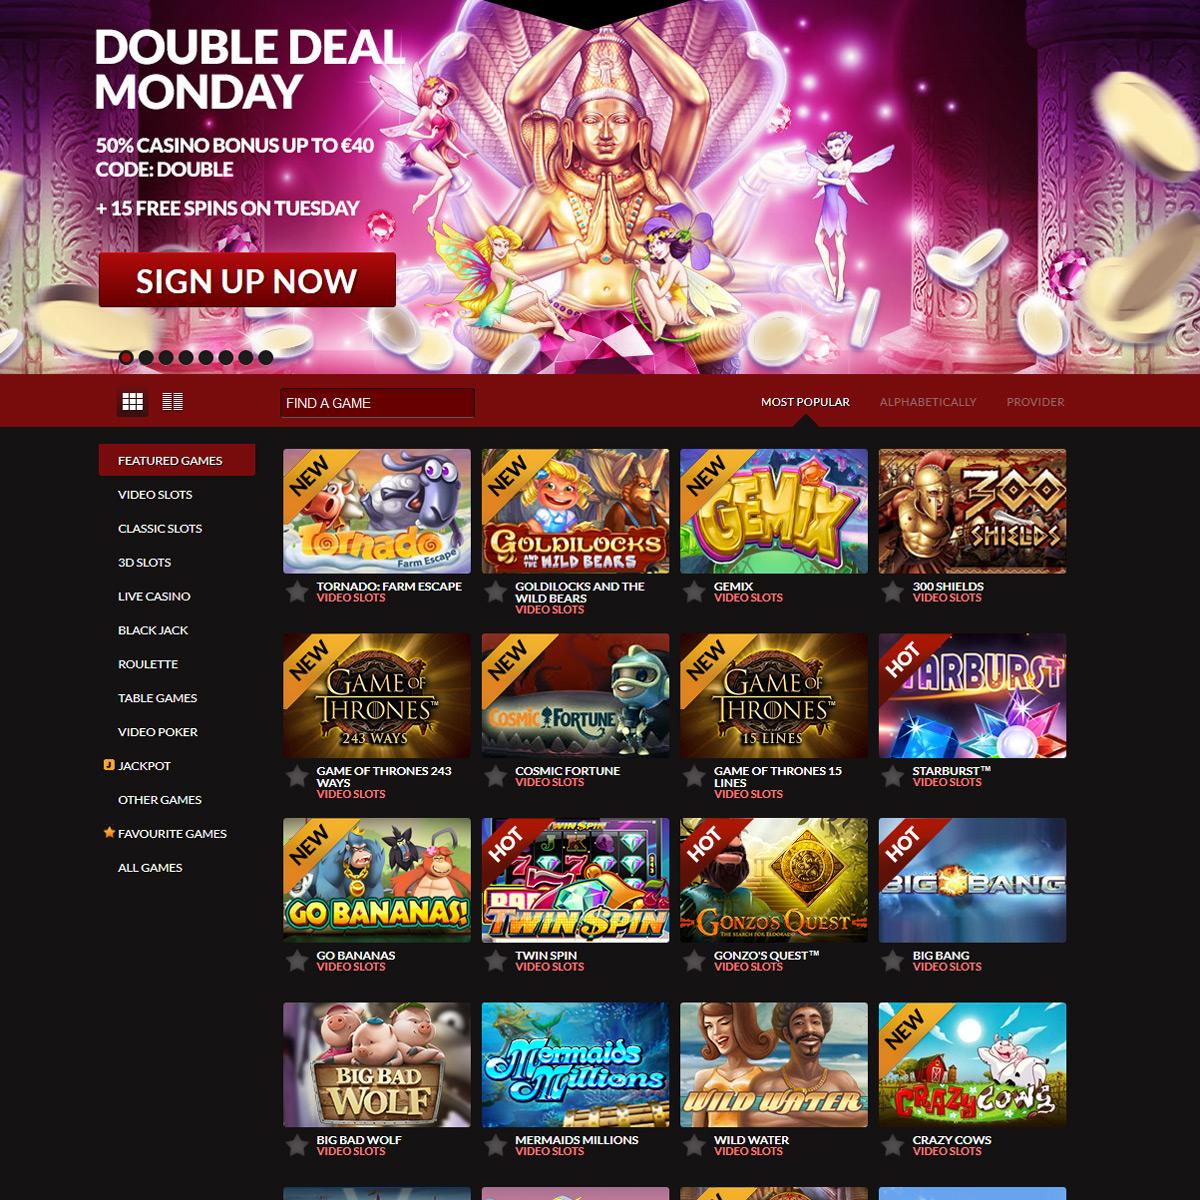 Слоты казино Вулкан удовлетворяют азартные запросы гэмблеров